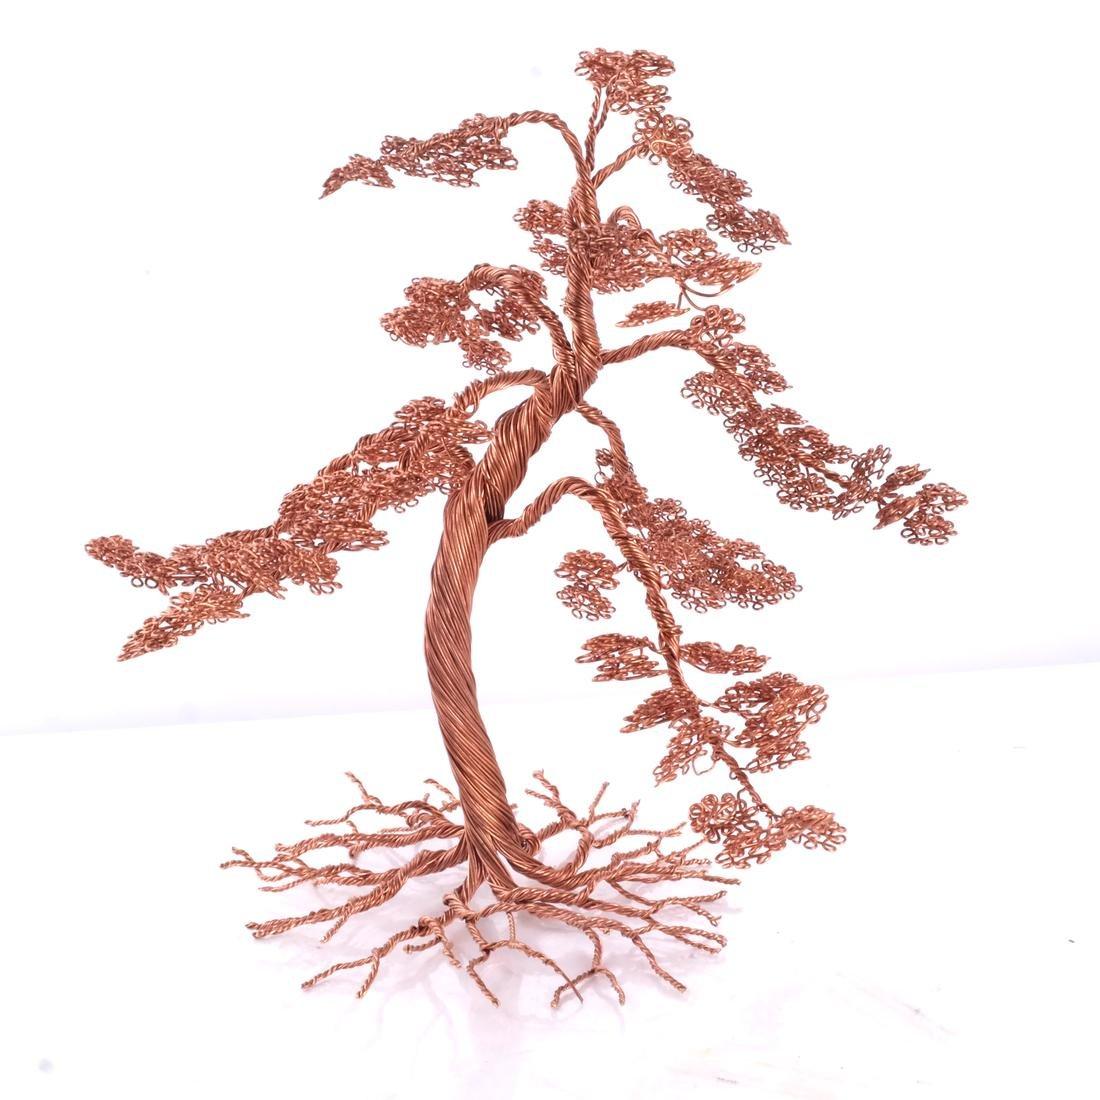 Hudson River Valley Outsider Art: Copper Tree